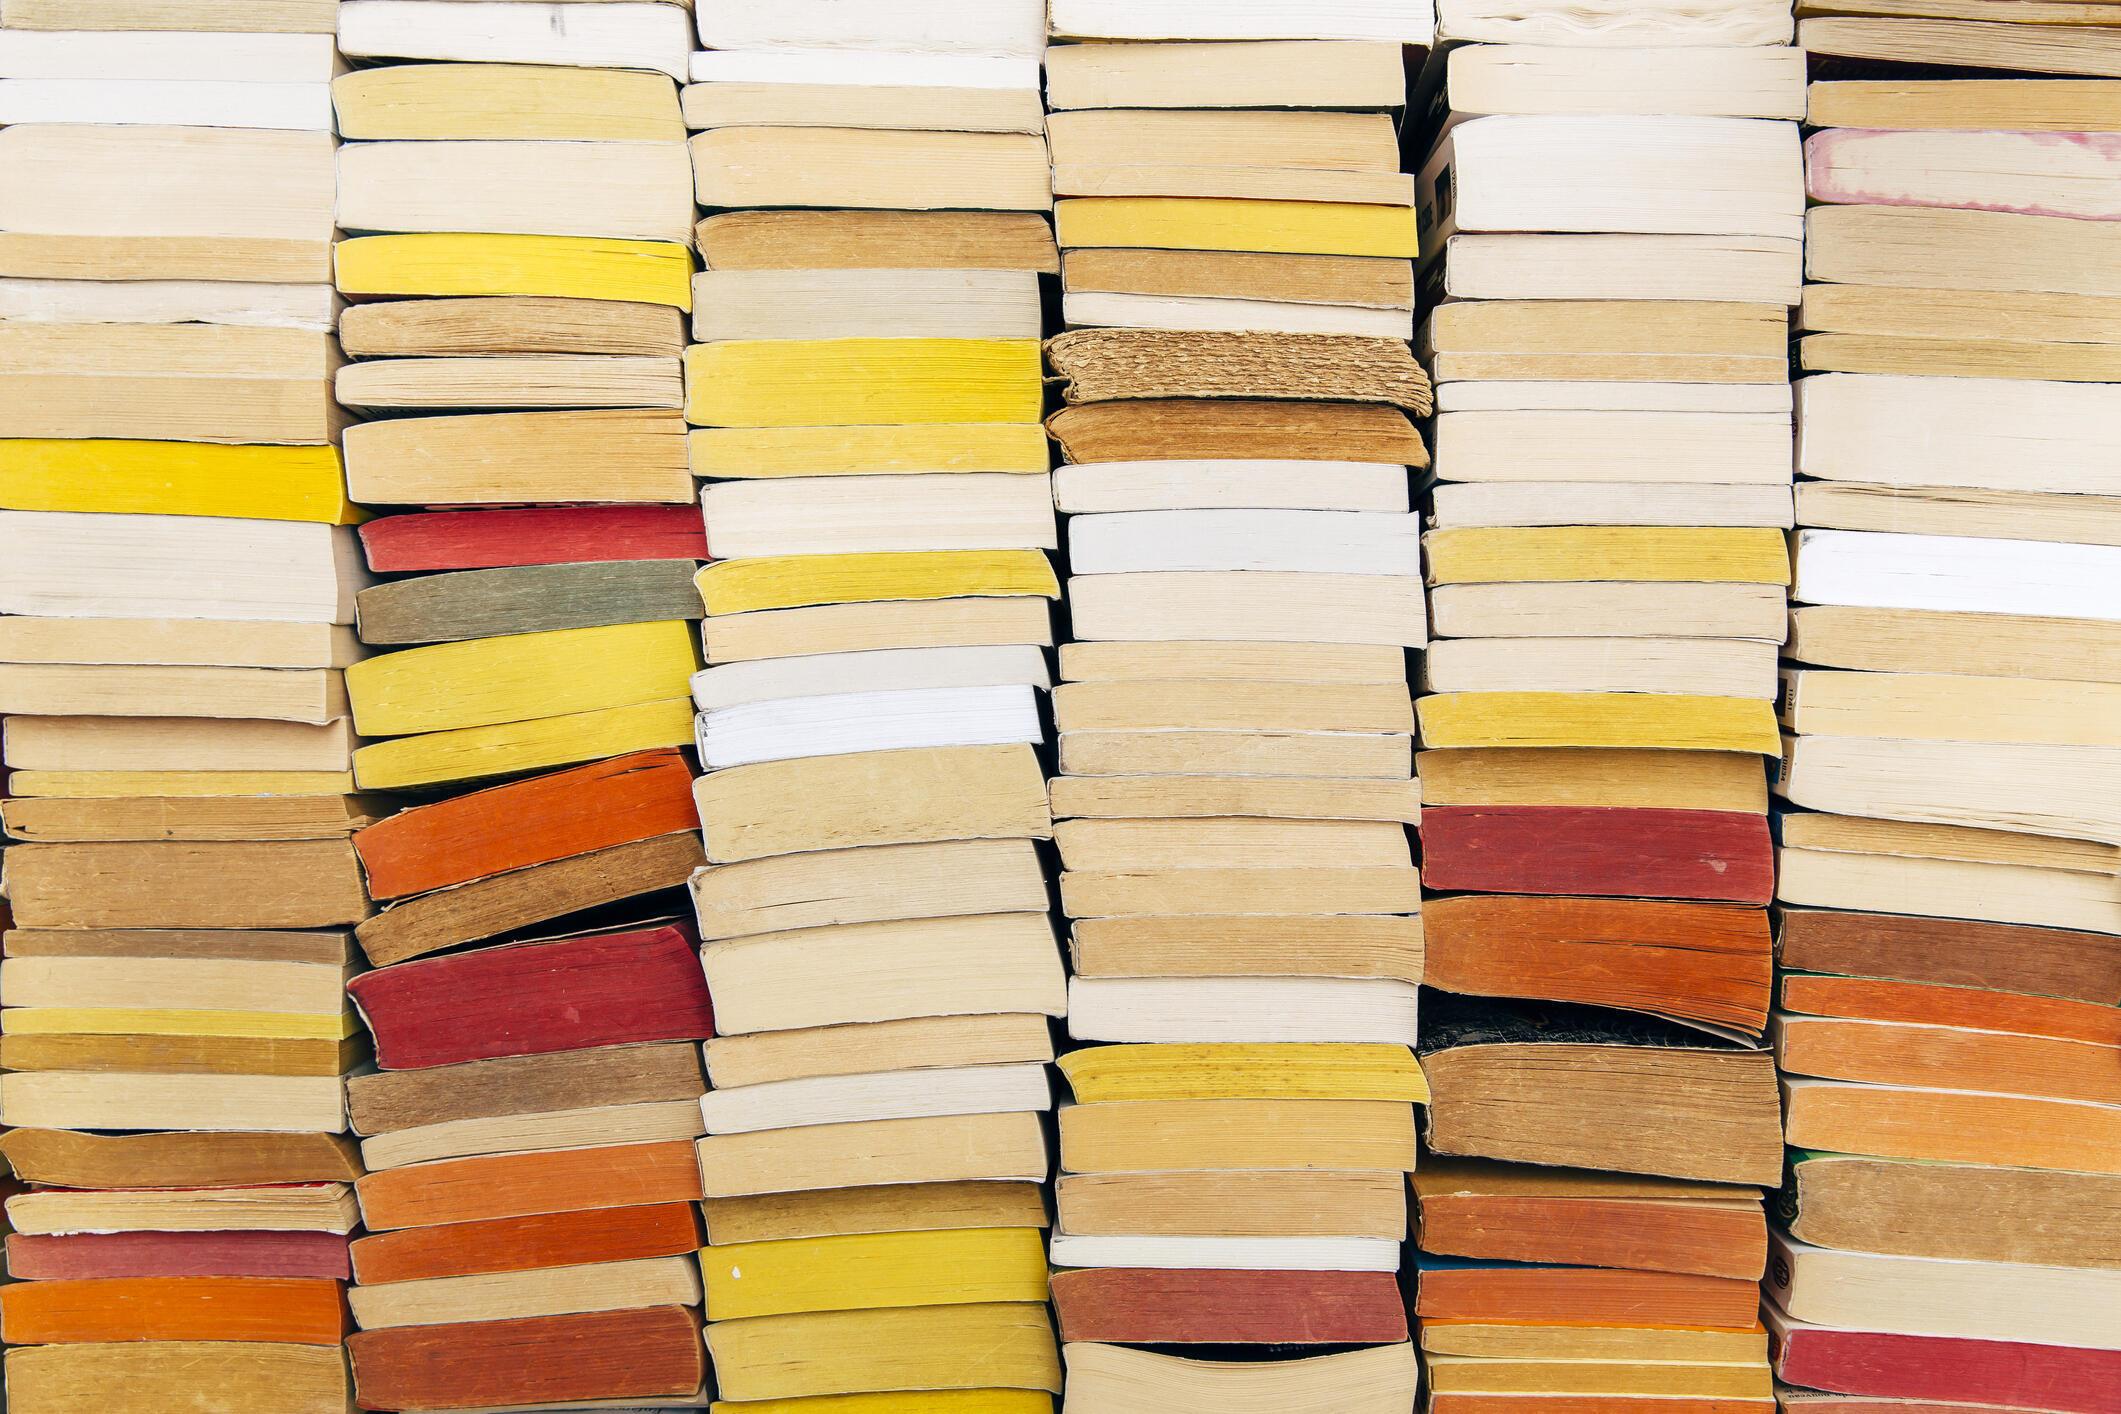 Bibliothèques sans frontières a vocation à réduire les inégalités d'accès à l'éducation et à l'information.